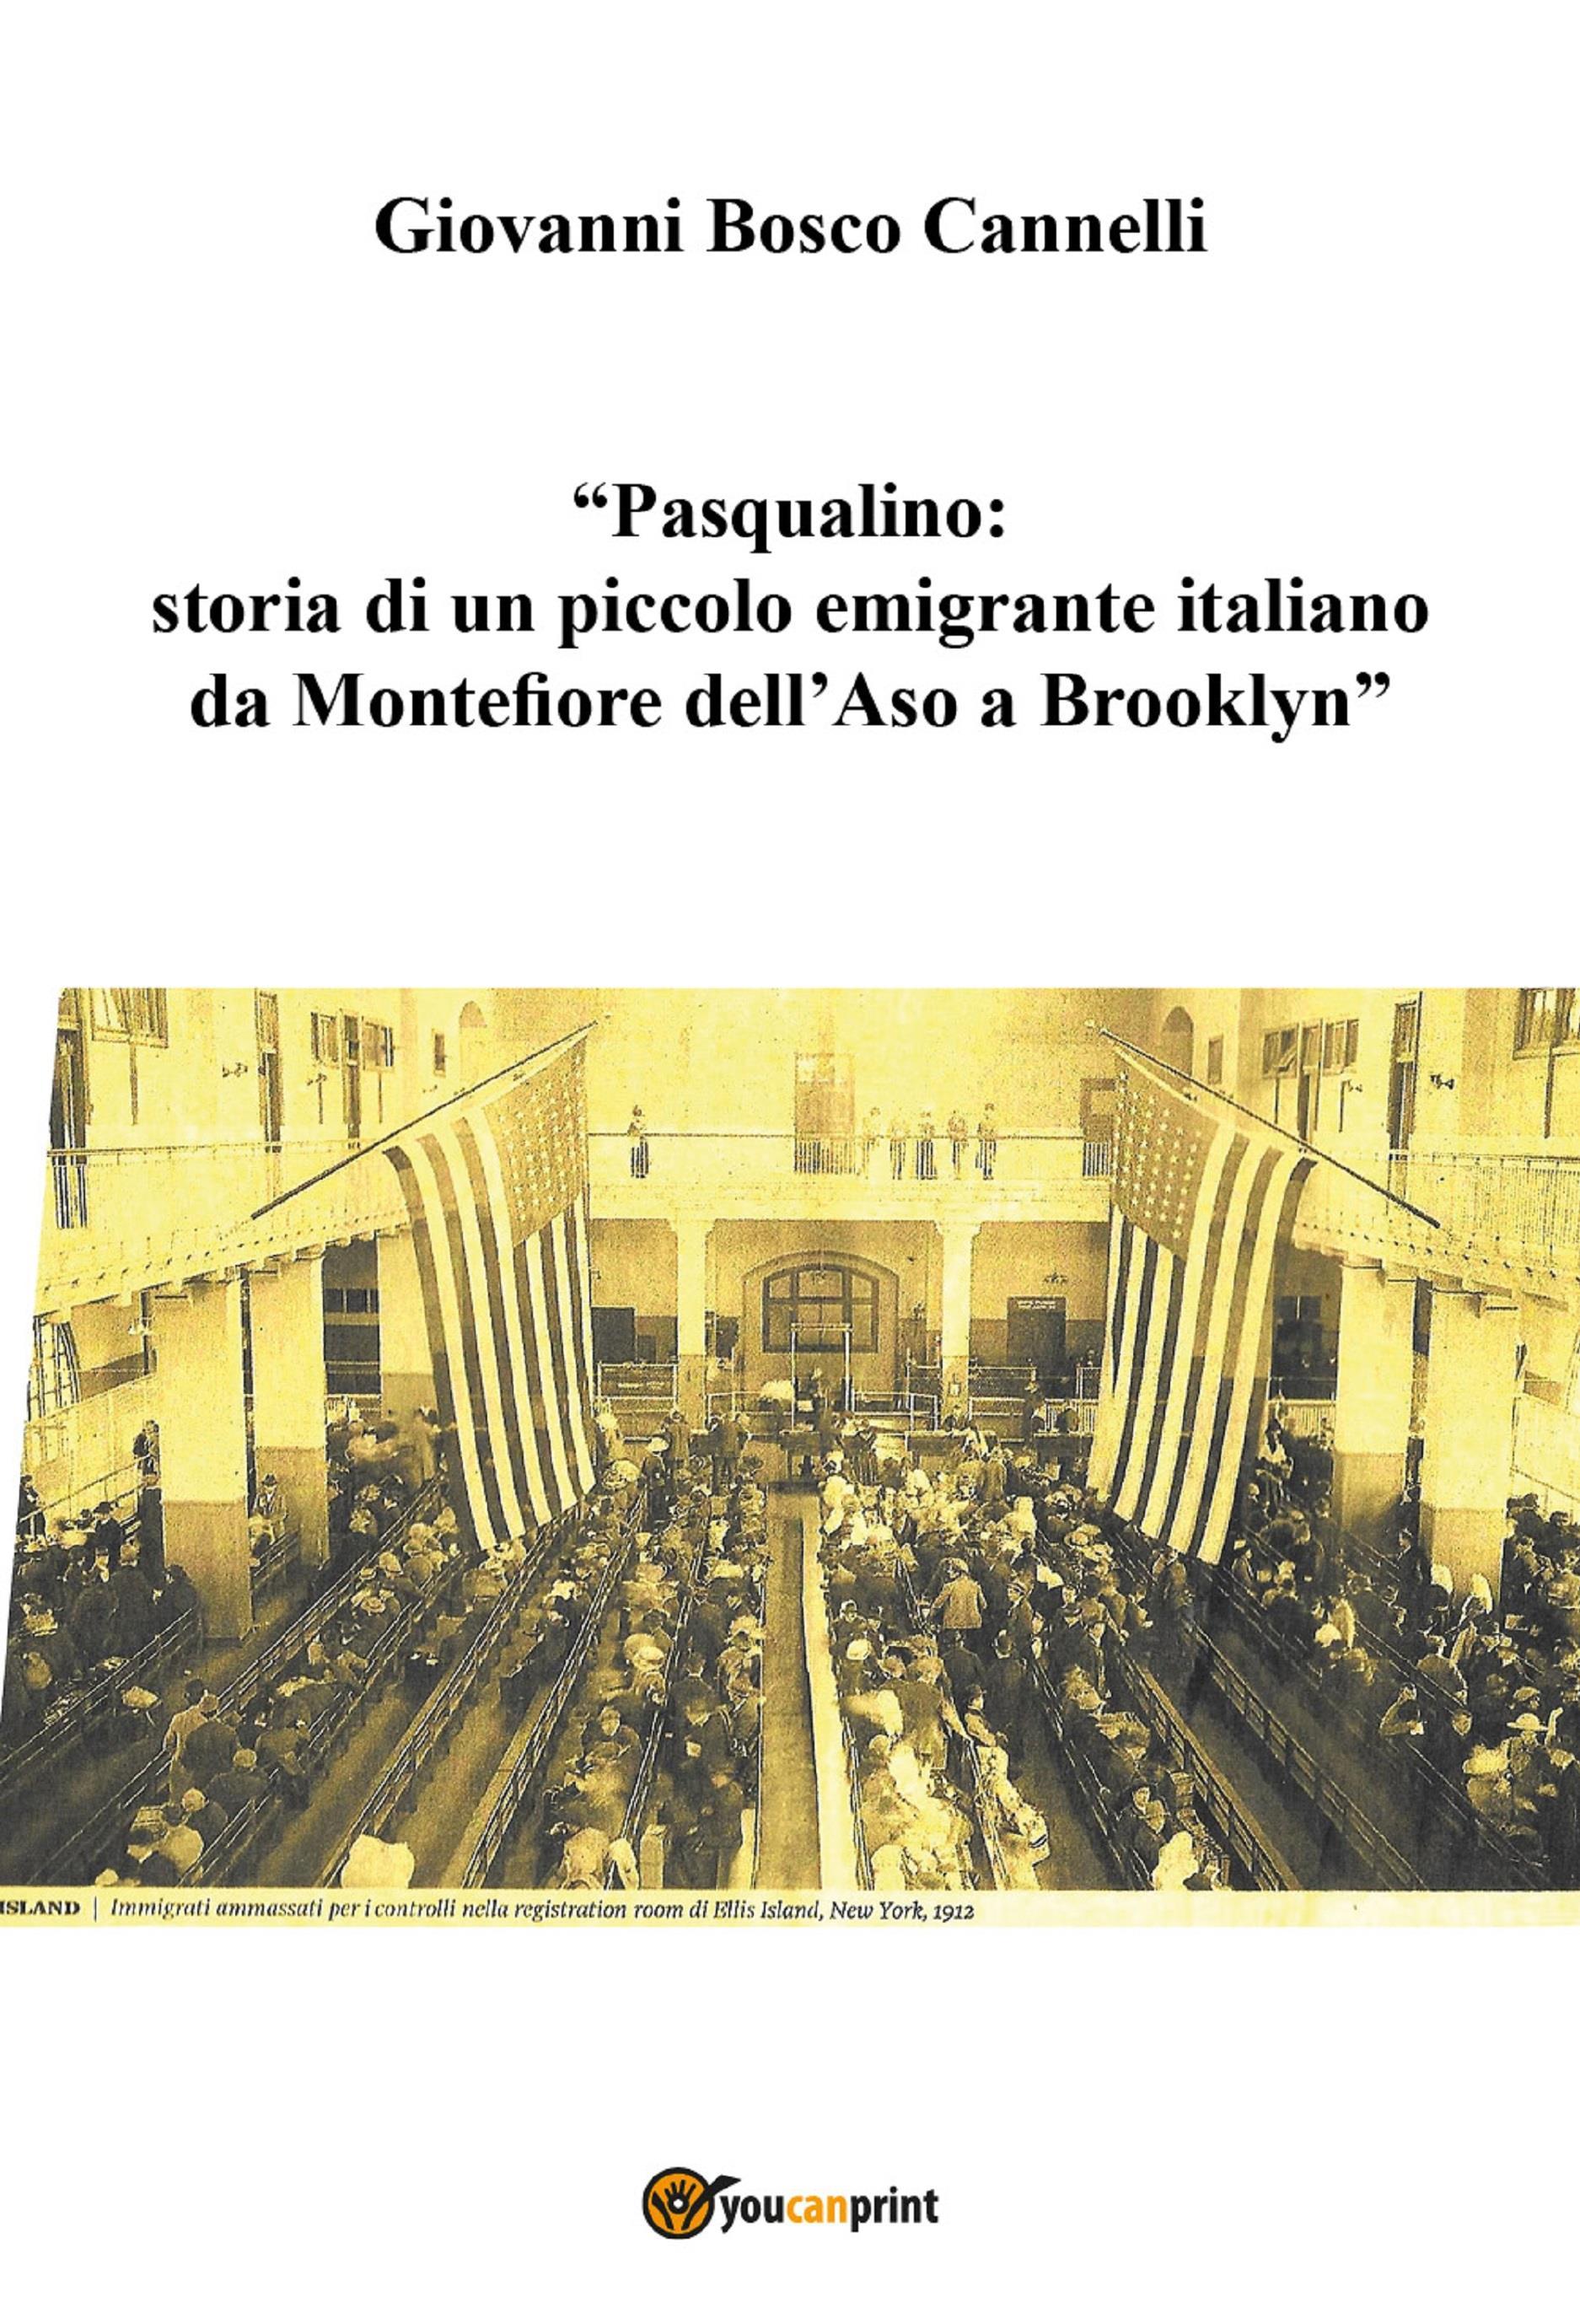 Pasqualino. Storia di un piccolo emigrante italiano da Montefiore dell'Aso a Brooklyn-New York